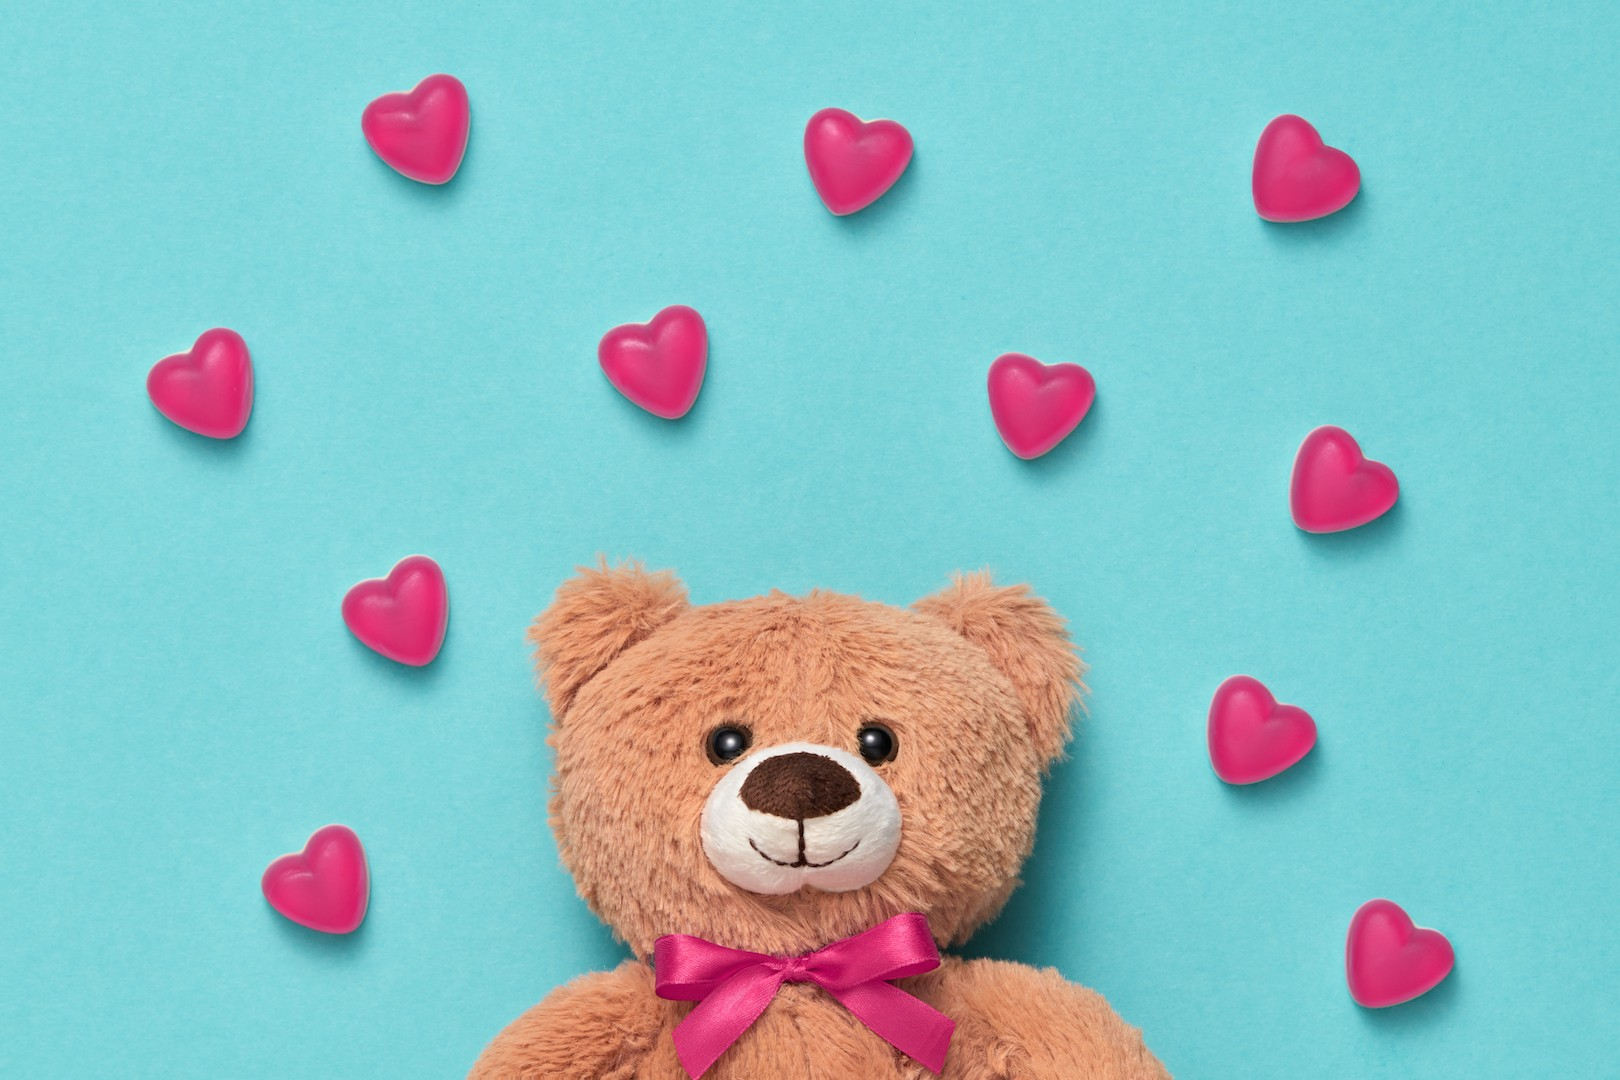 O Dia dos Namorados faz aumentar as pesquisas sobre amor